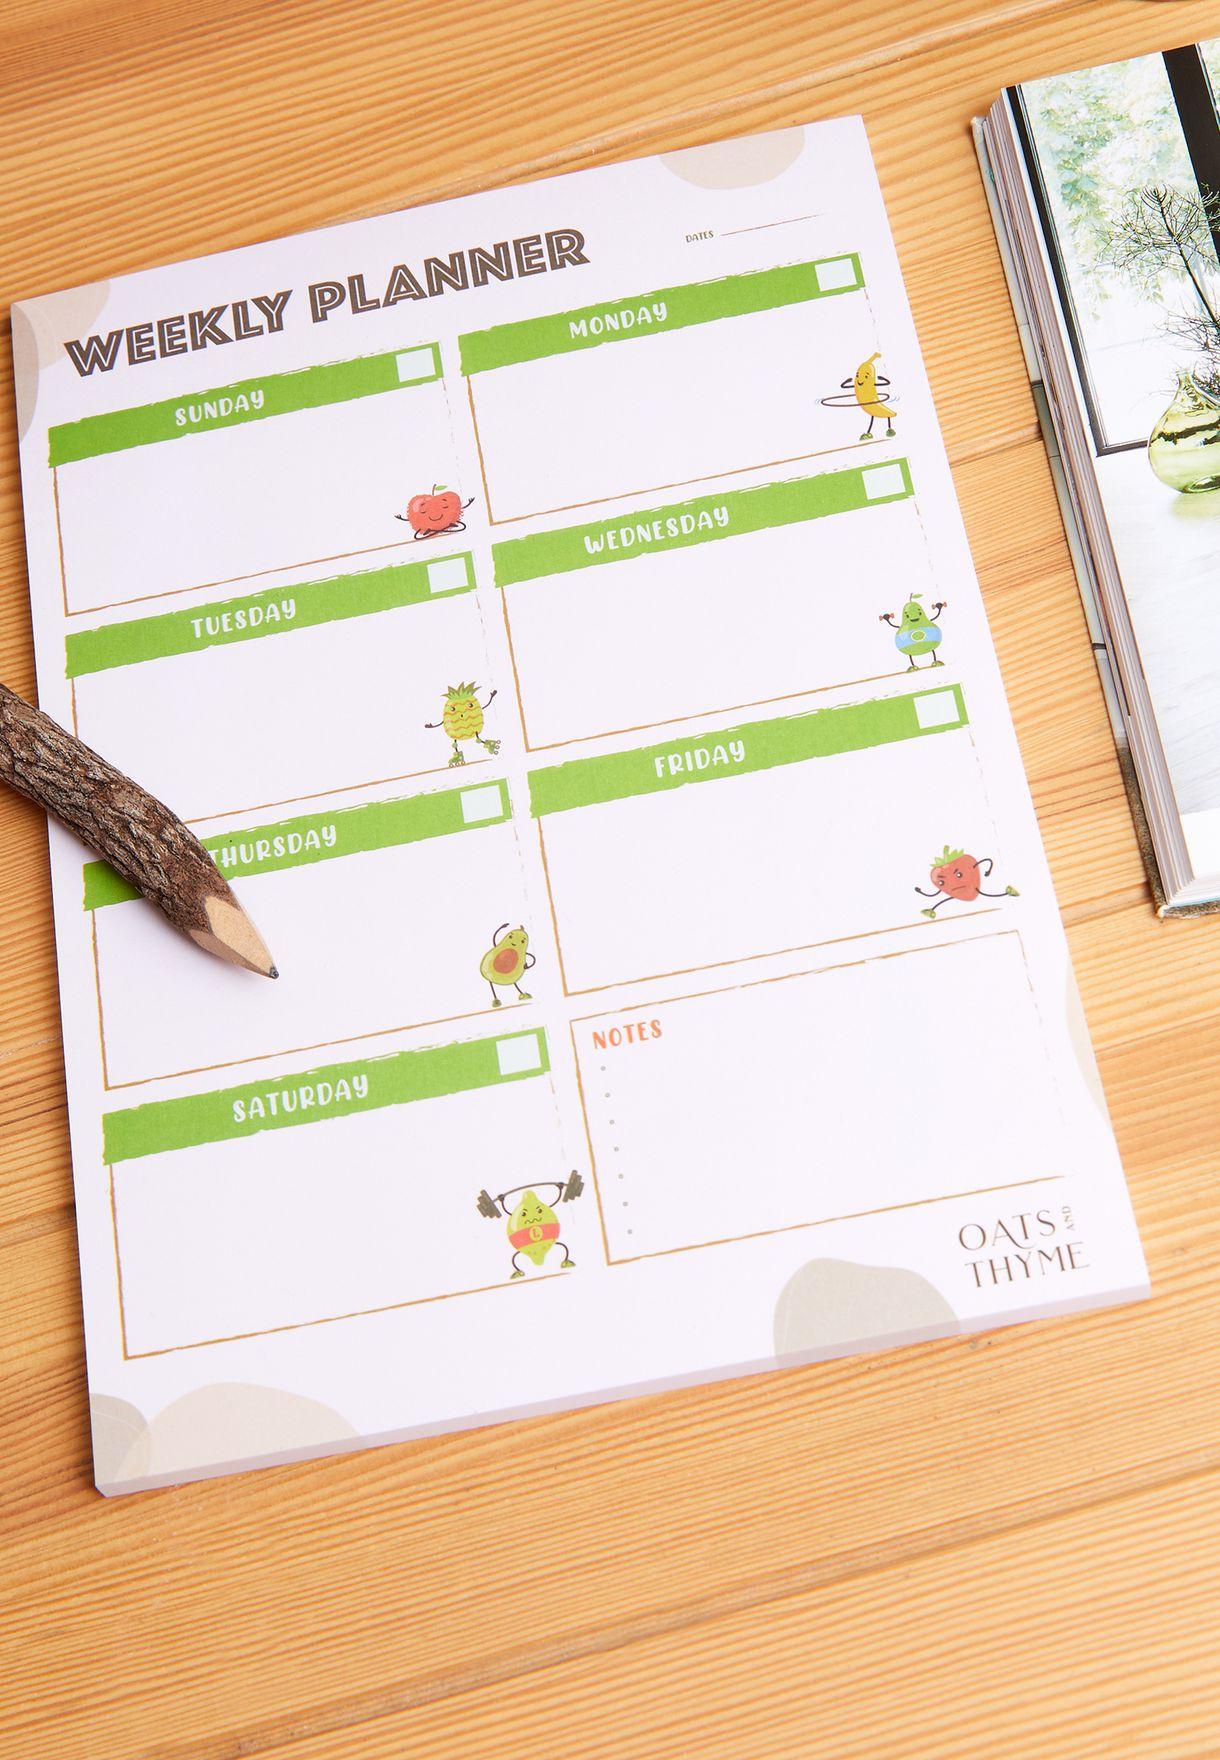 دفتر تخطيط اسبوعي باللغة الانجليزية A4